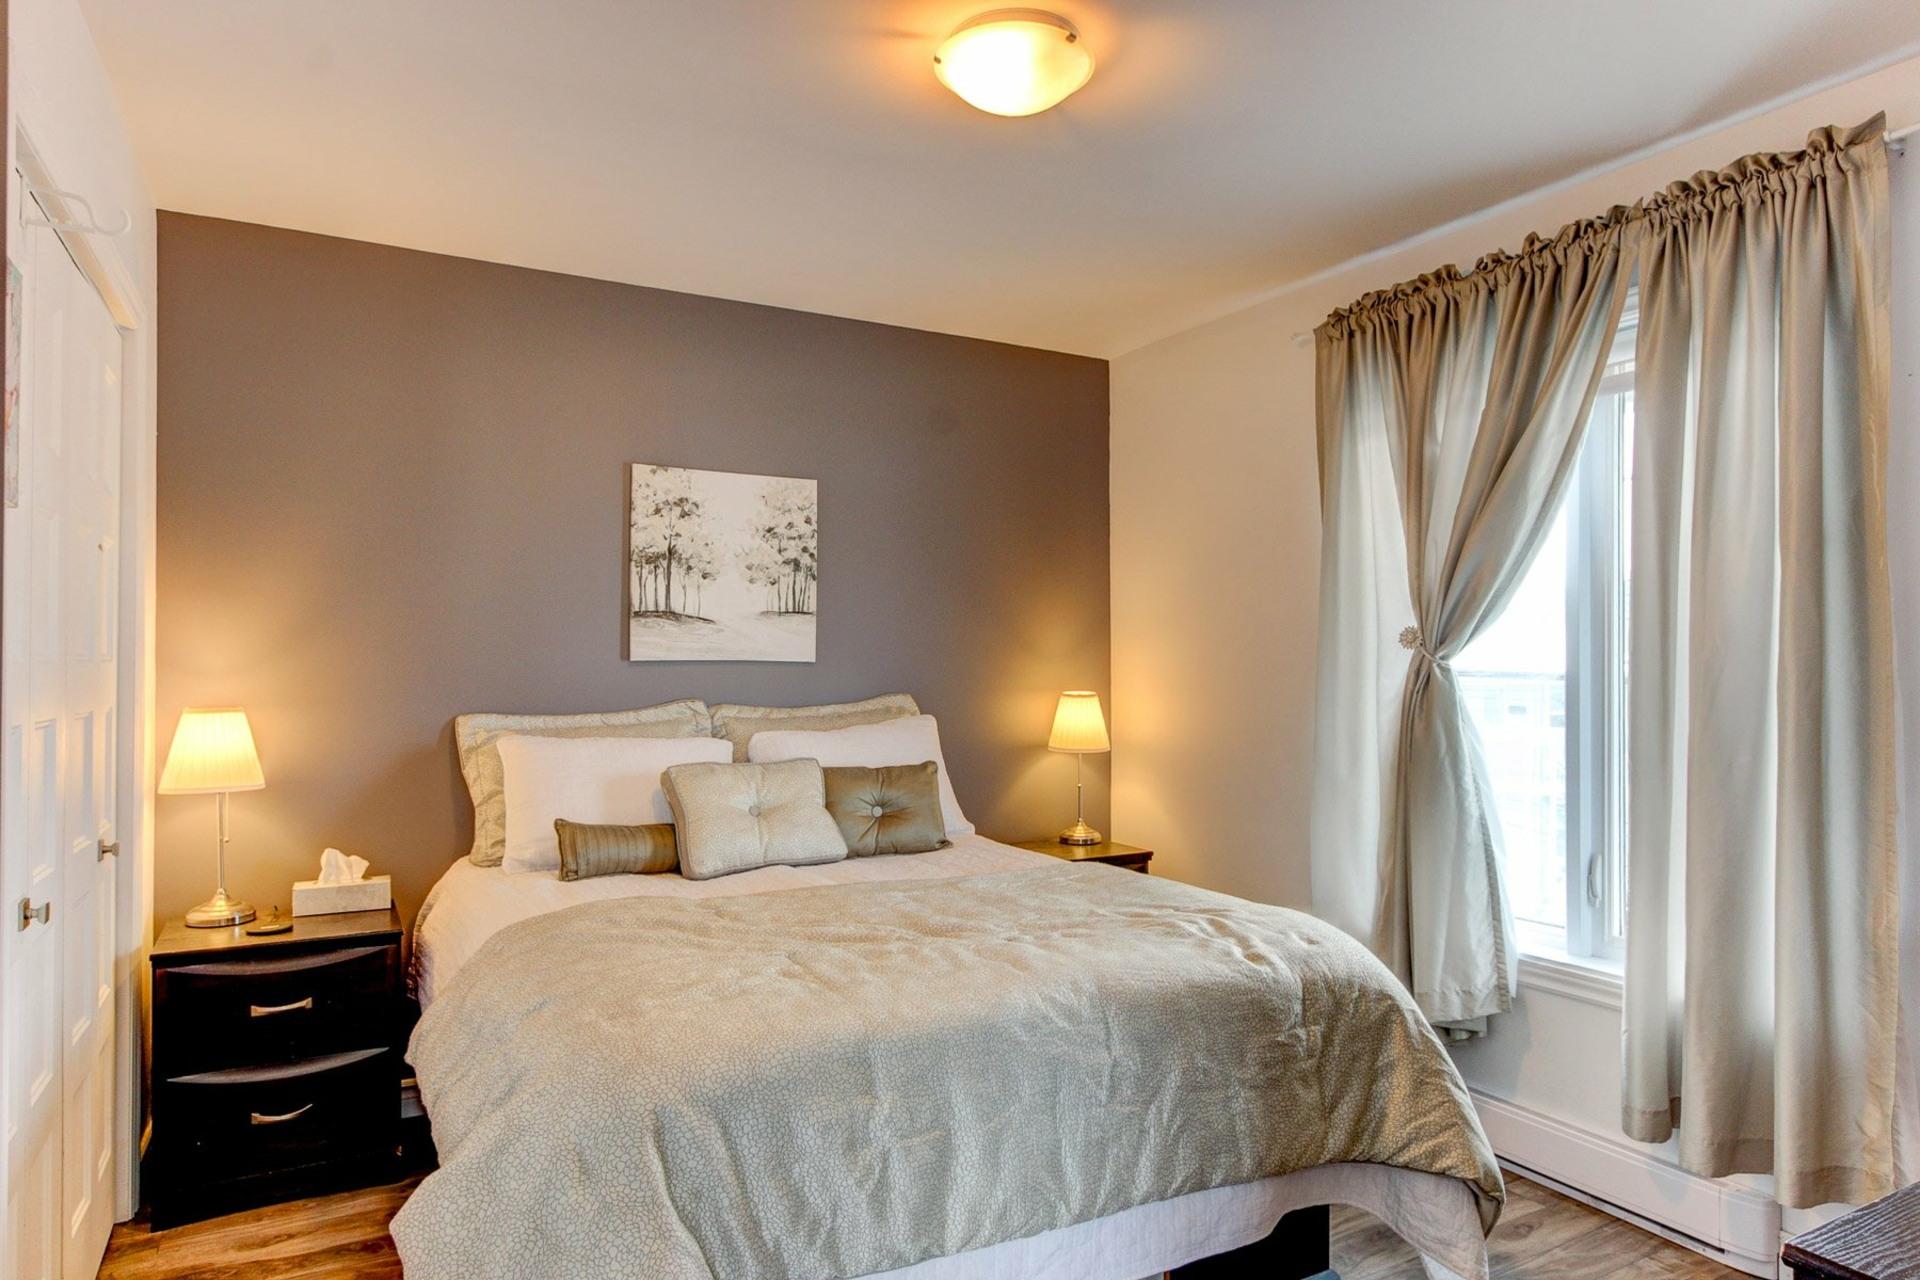 image 8 - Duplex À vendre Trois-Rivières - 8 pièces